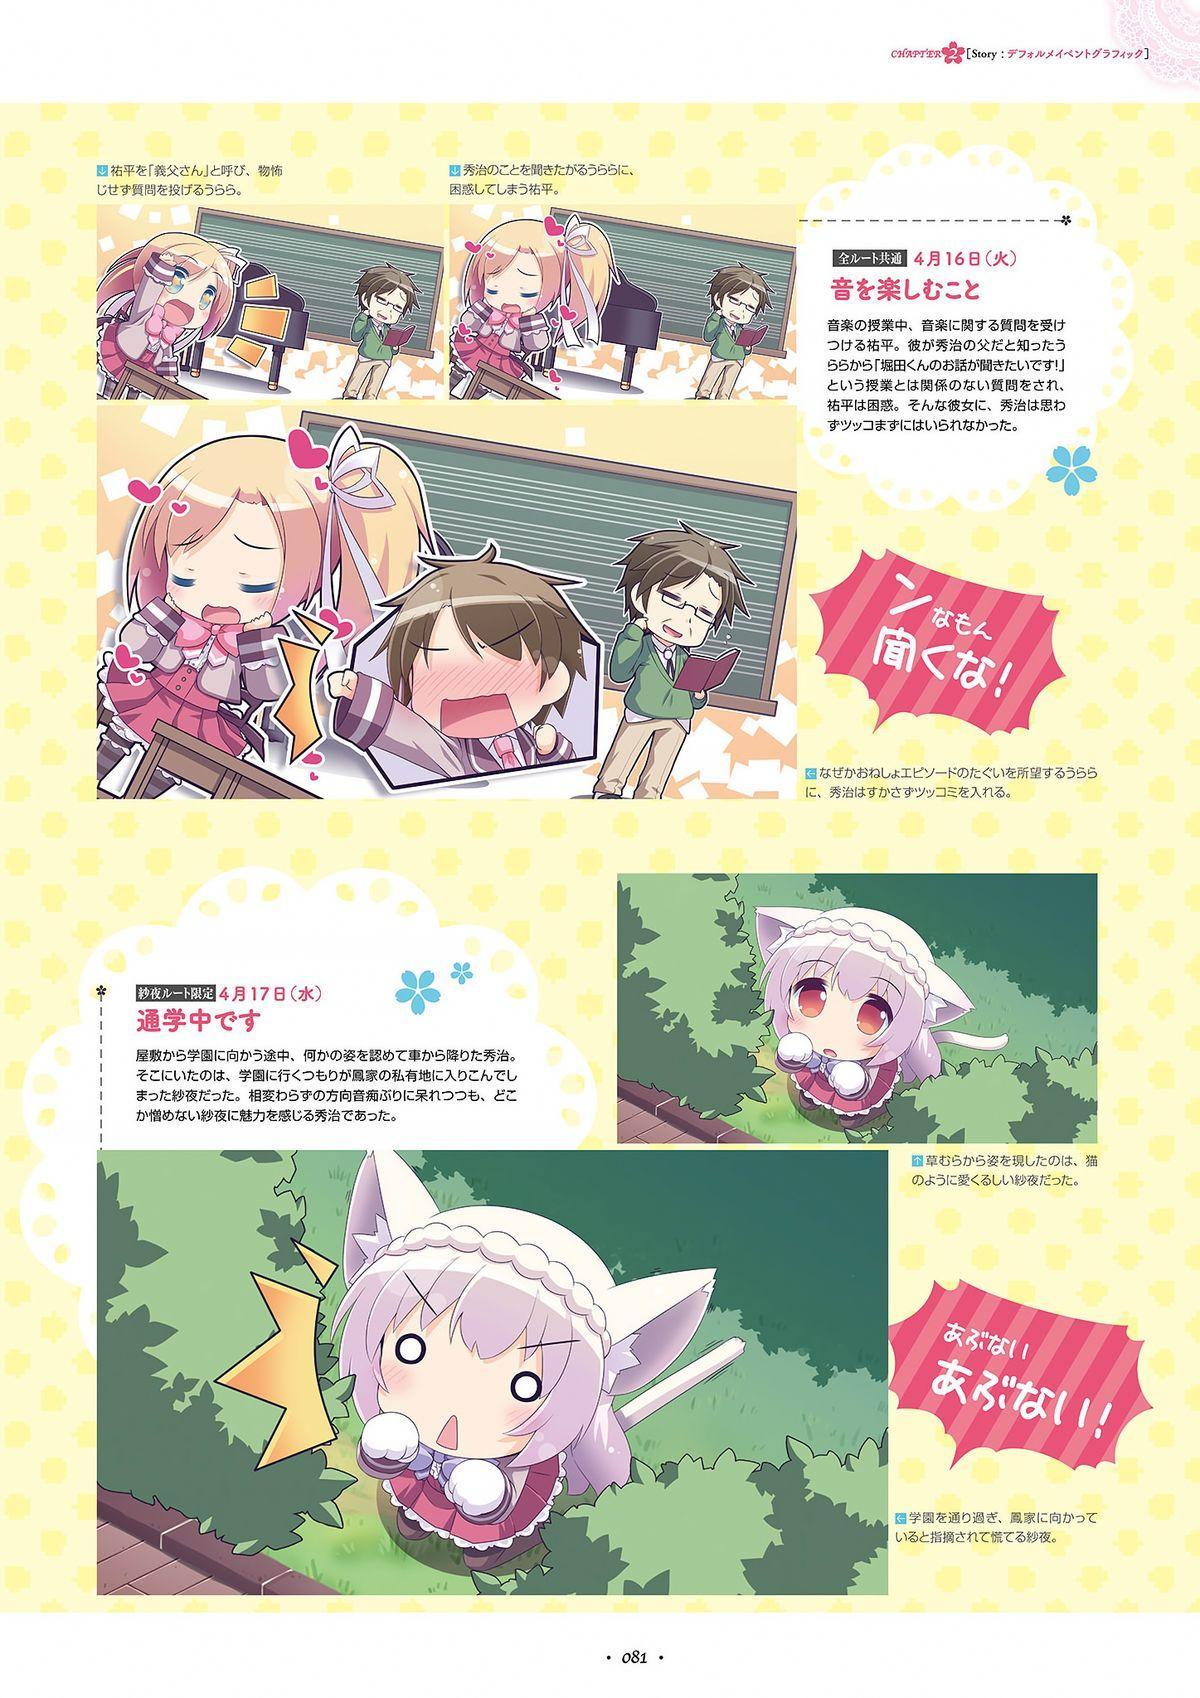 Shukufuku no Kane no Oto wa, Sakura-iro no Kaze to Tomo ni Visual Fanbook 82